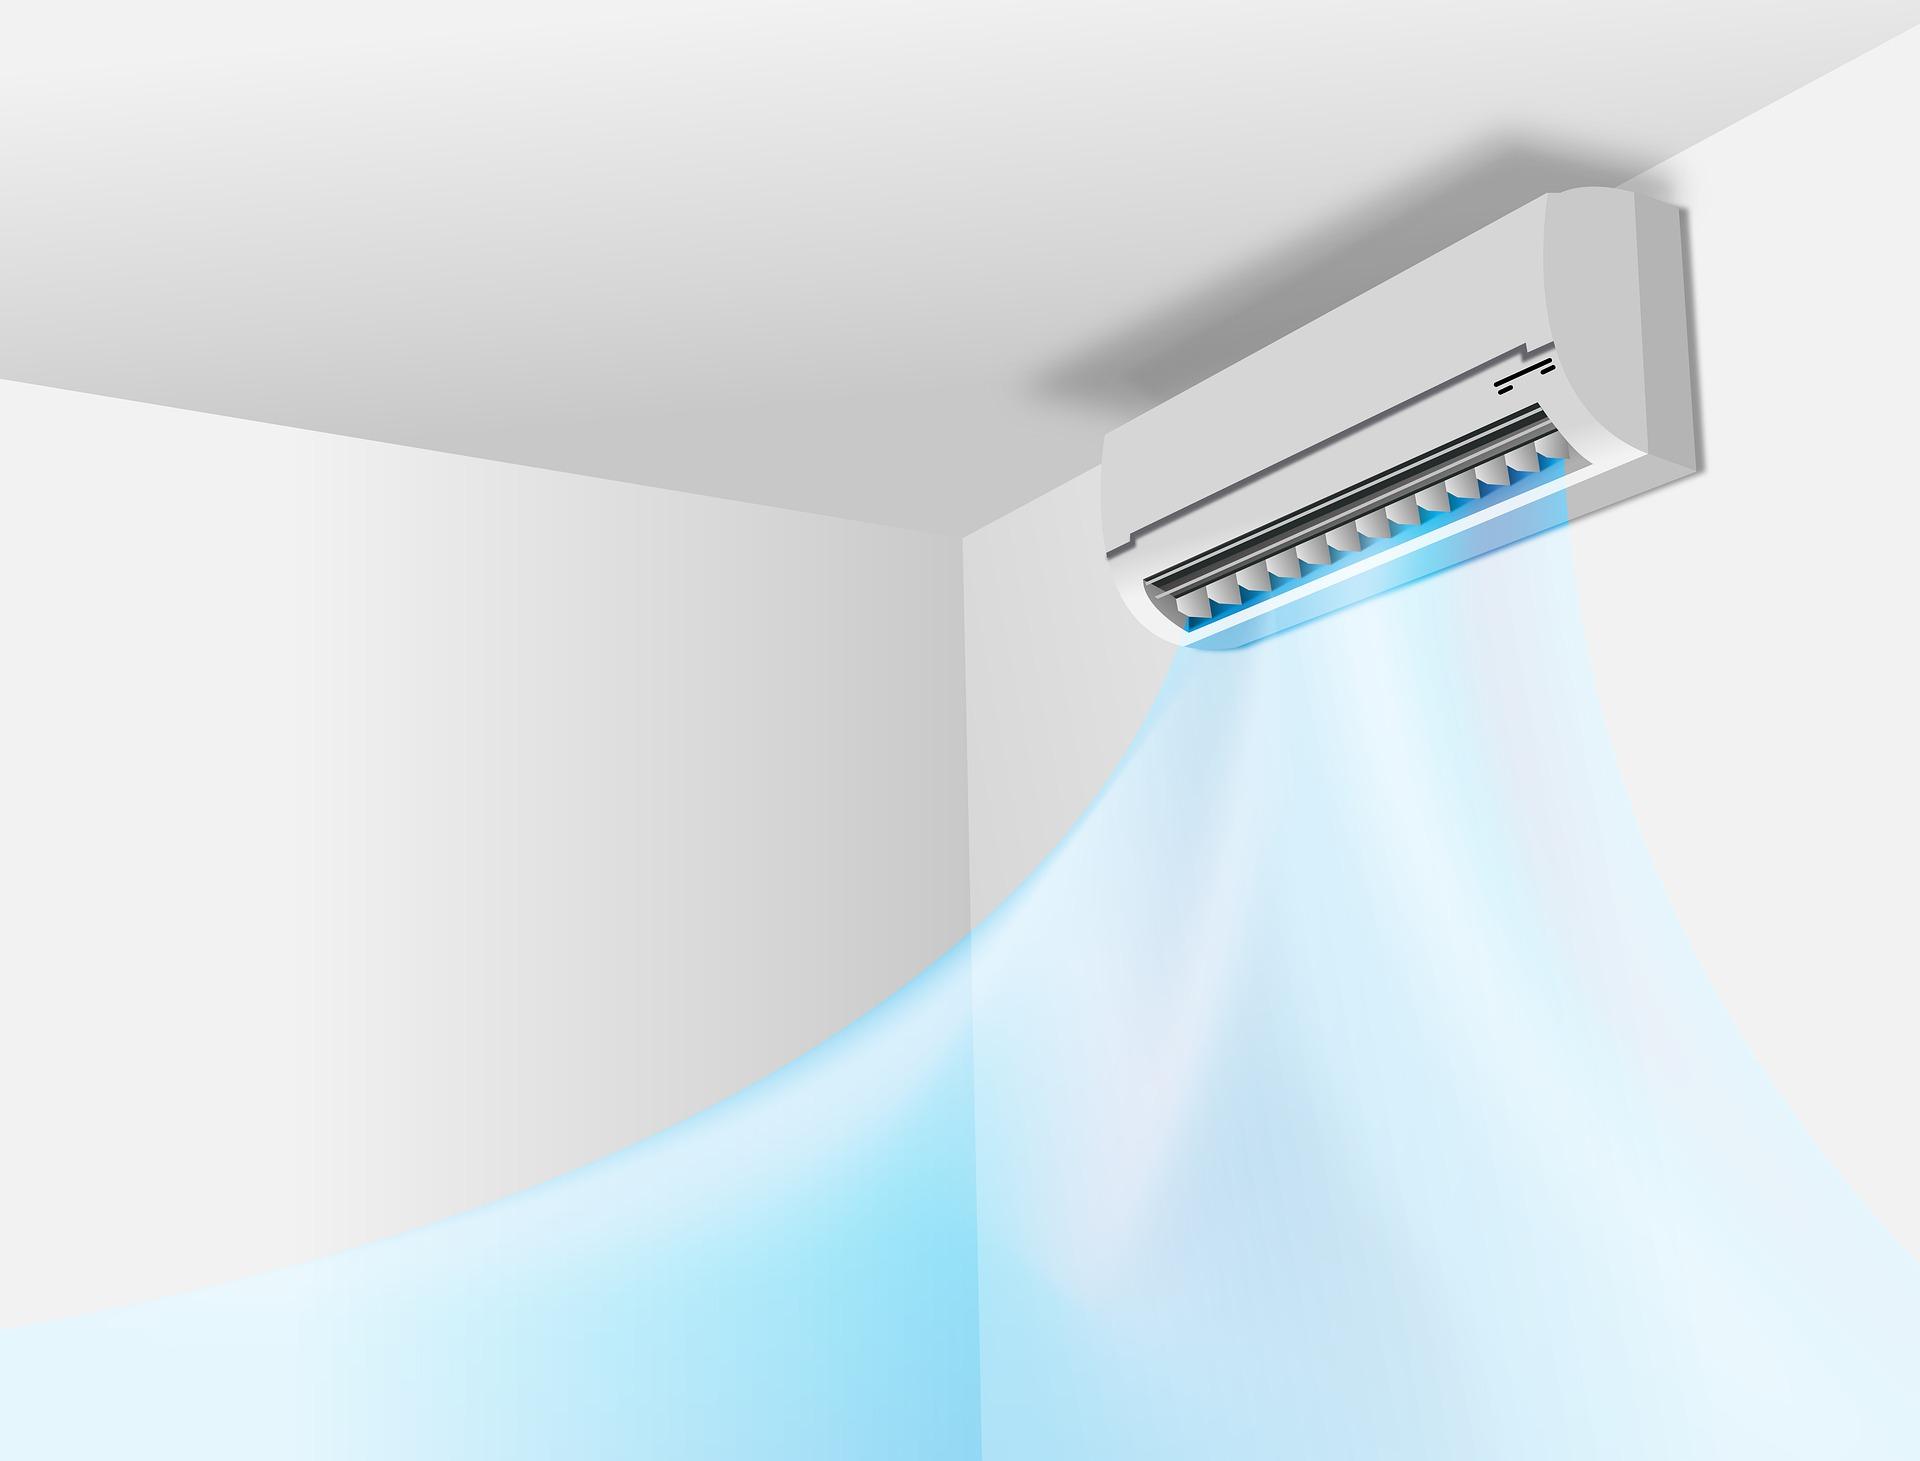 Cách sử dụng máy lạnh tiết kiệm điện 1